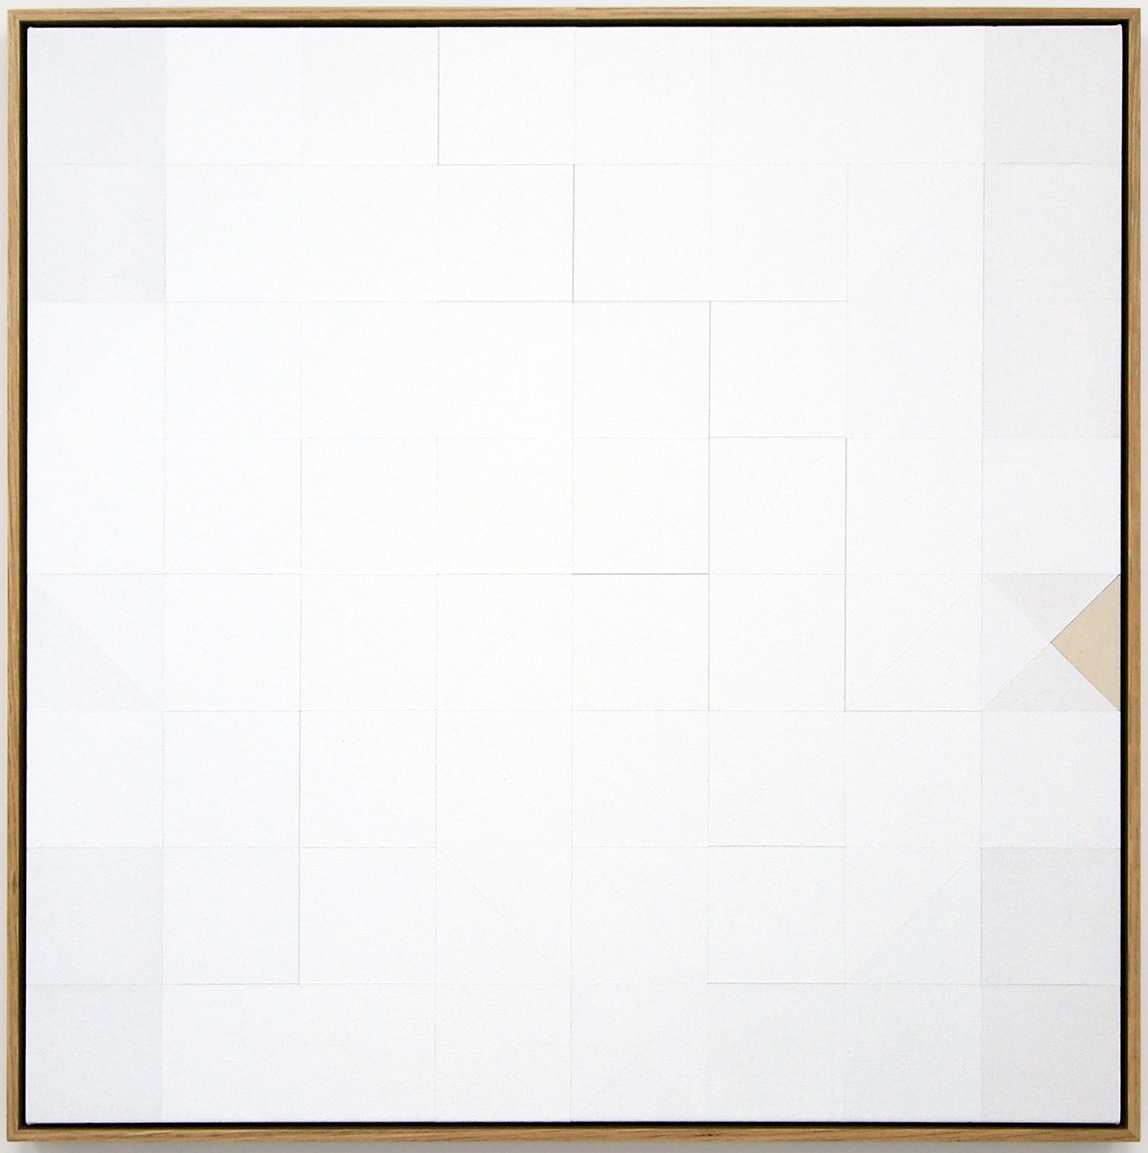 Tom-Hackney-CPM99_med copy.jpg